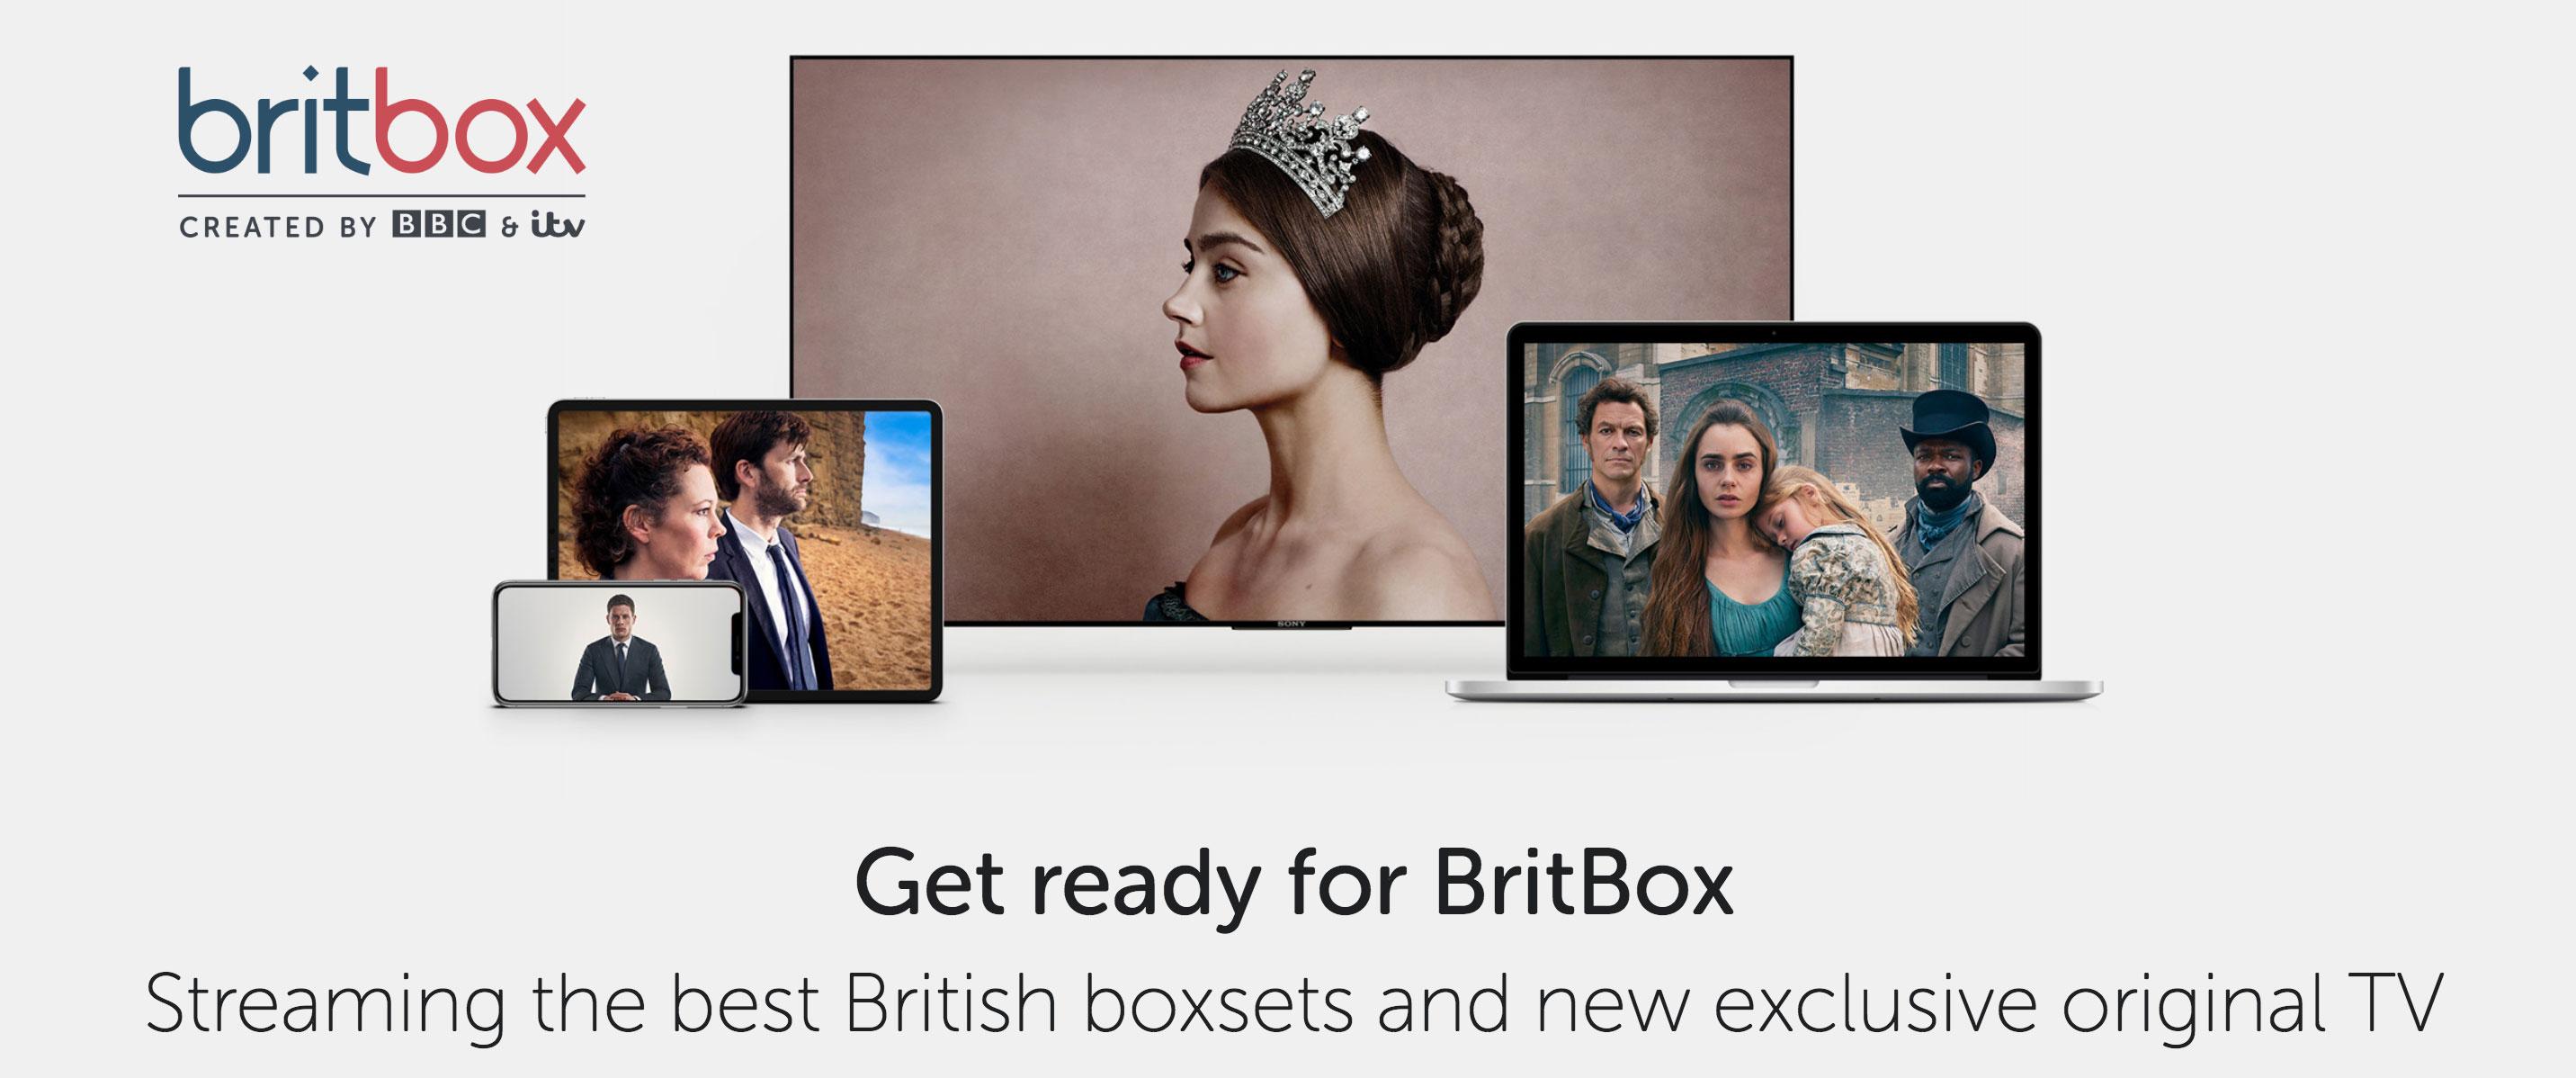 britbox screenshot